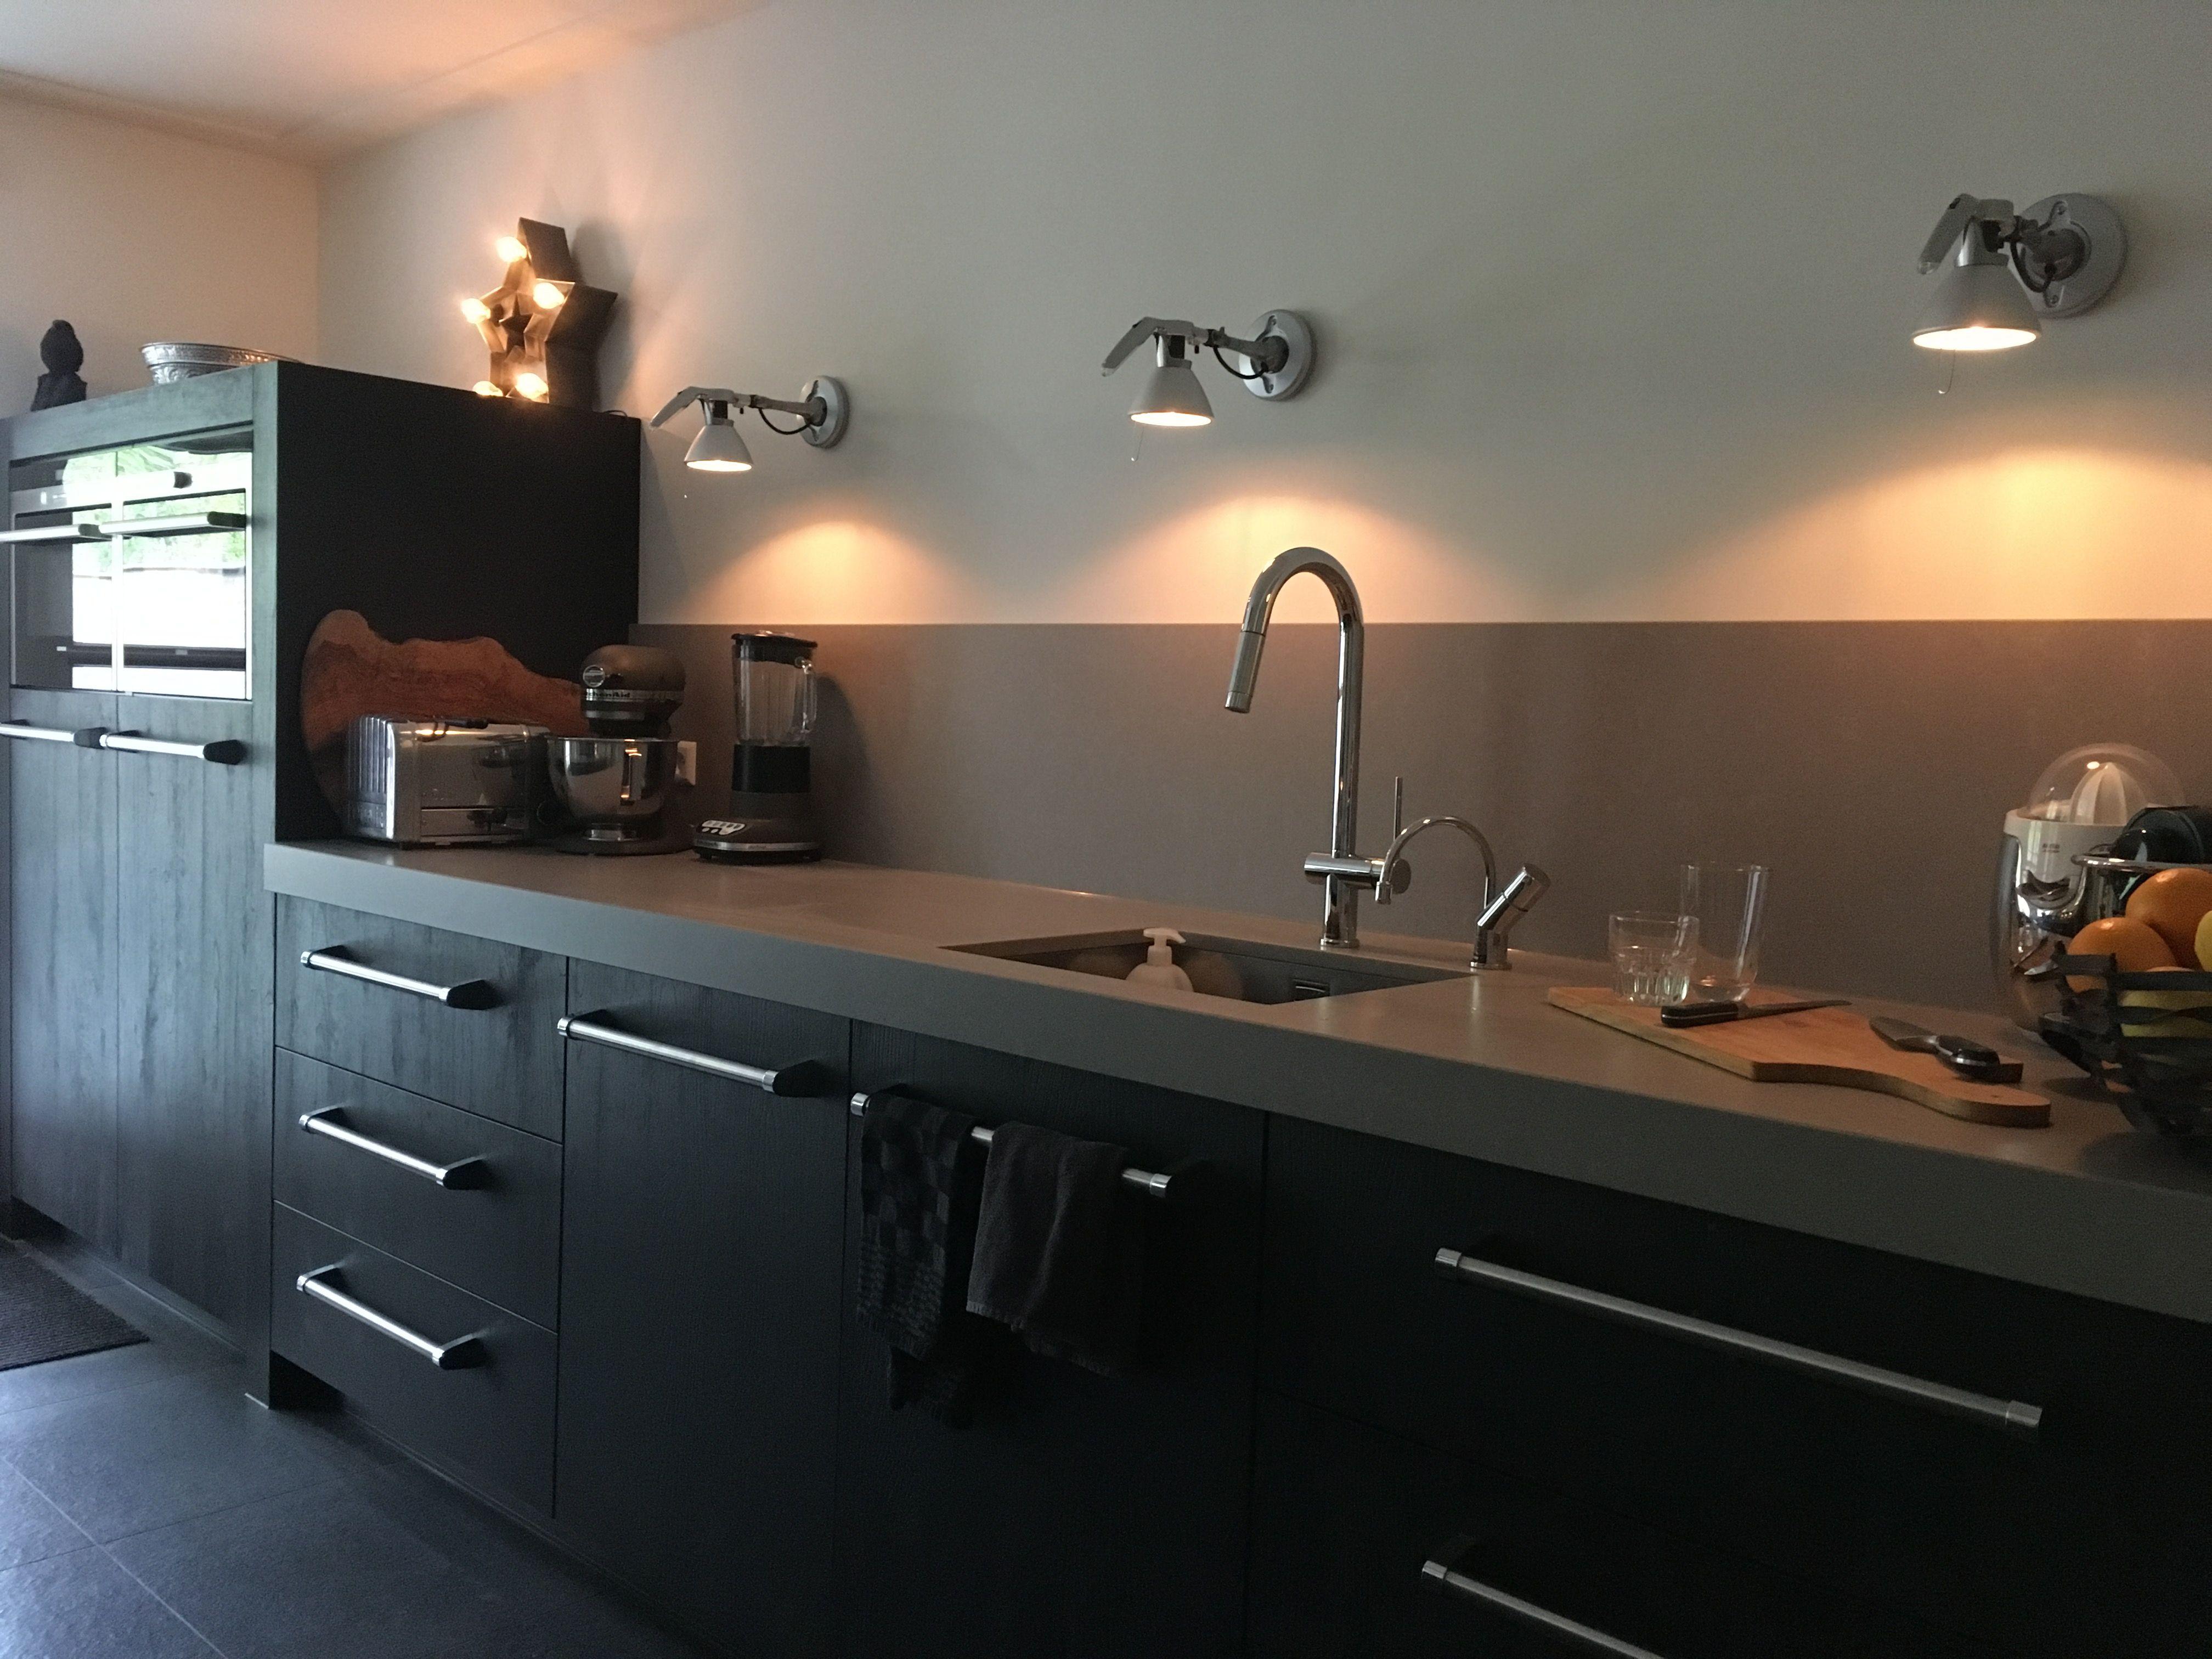 Zwart Keuken Grepen : Keuken zwart composiet blad luceplan siemens viking grepen